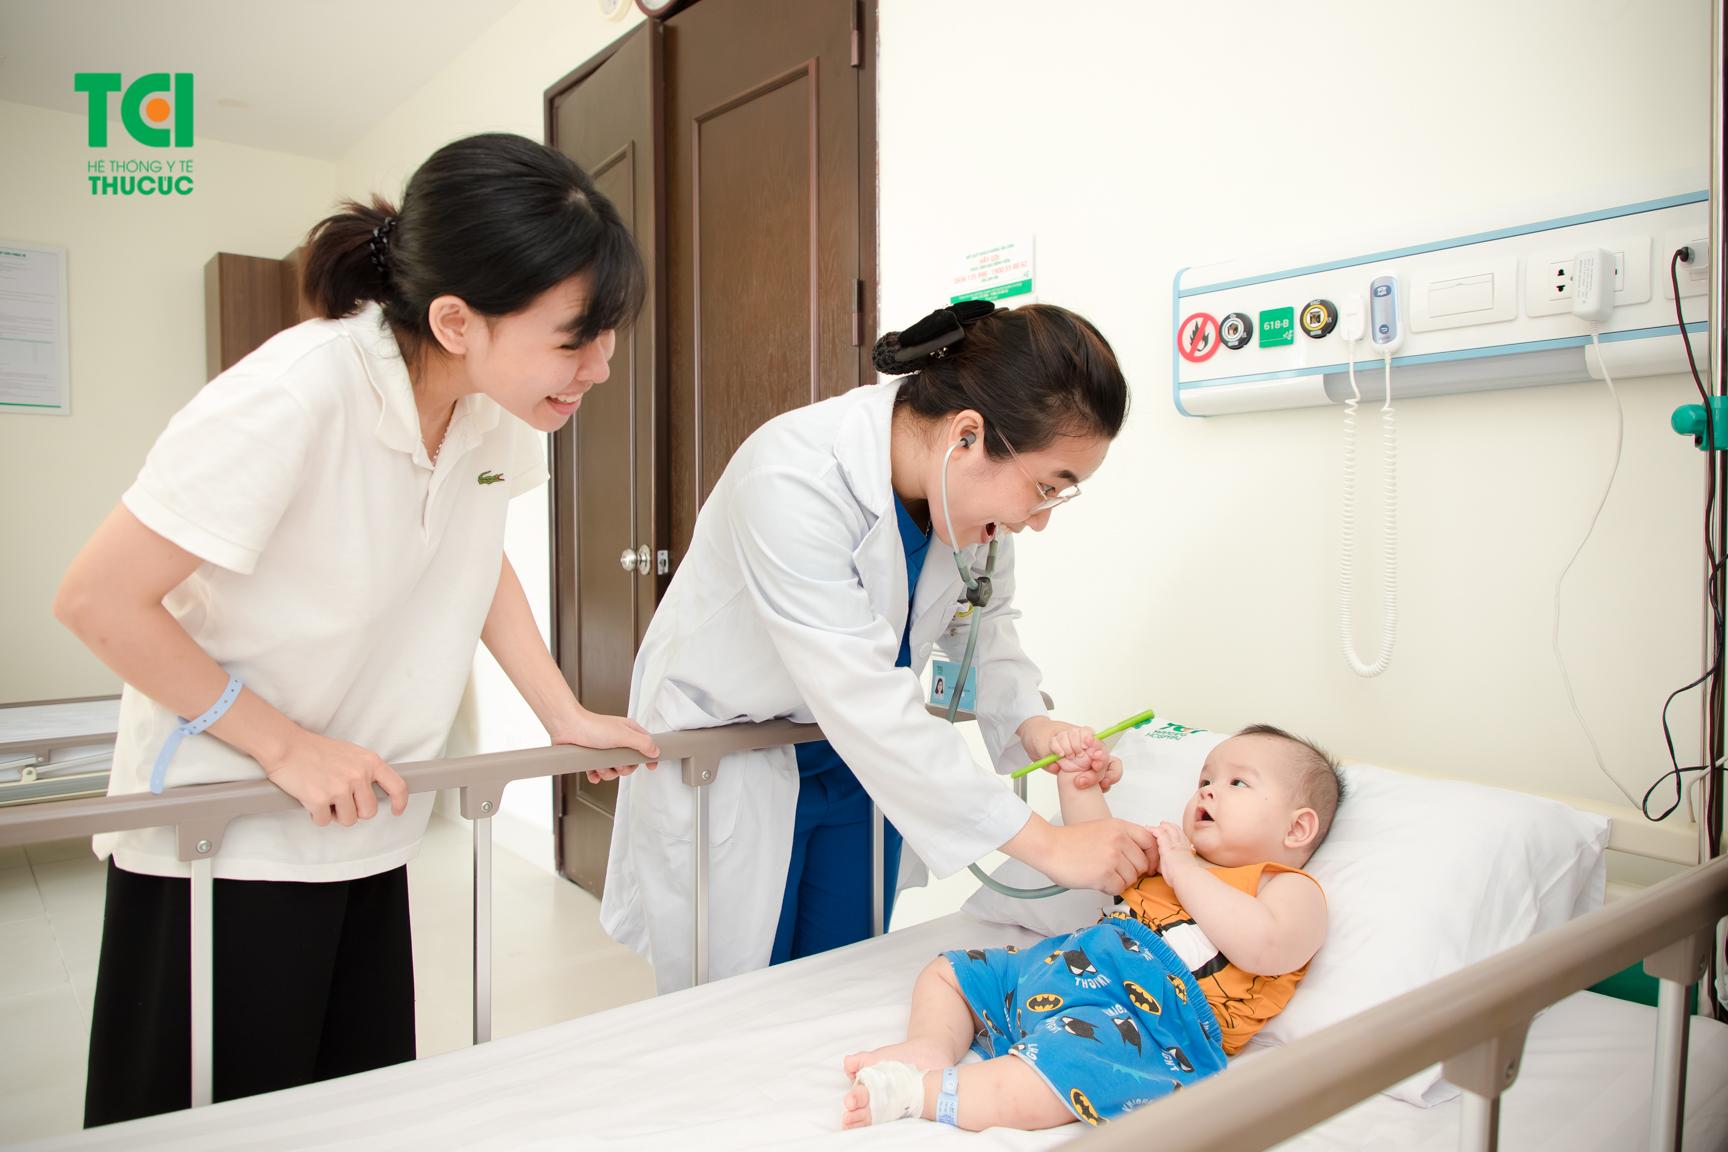 Bệnh ho gà trẻ em được điều trị kịp thời sẽ tránh được những biến chứng nguy hiểm đe dọa sức khỏe và tính mạng